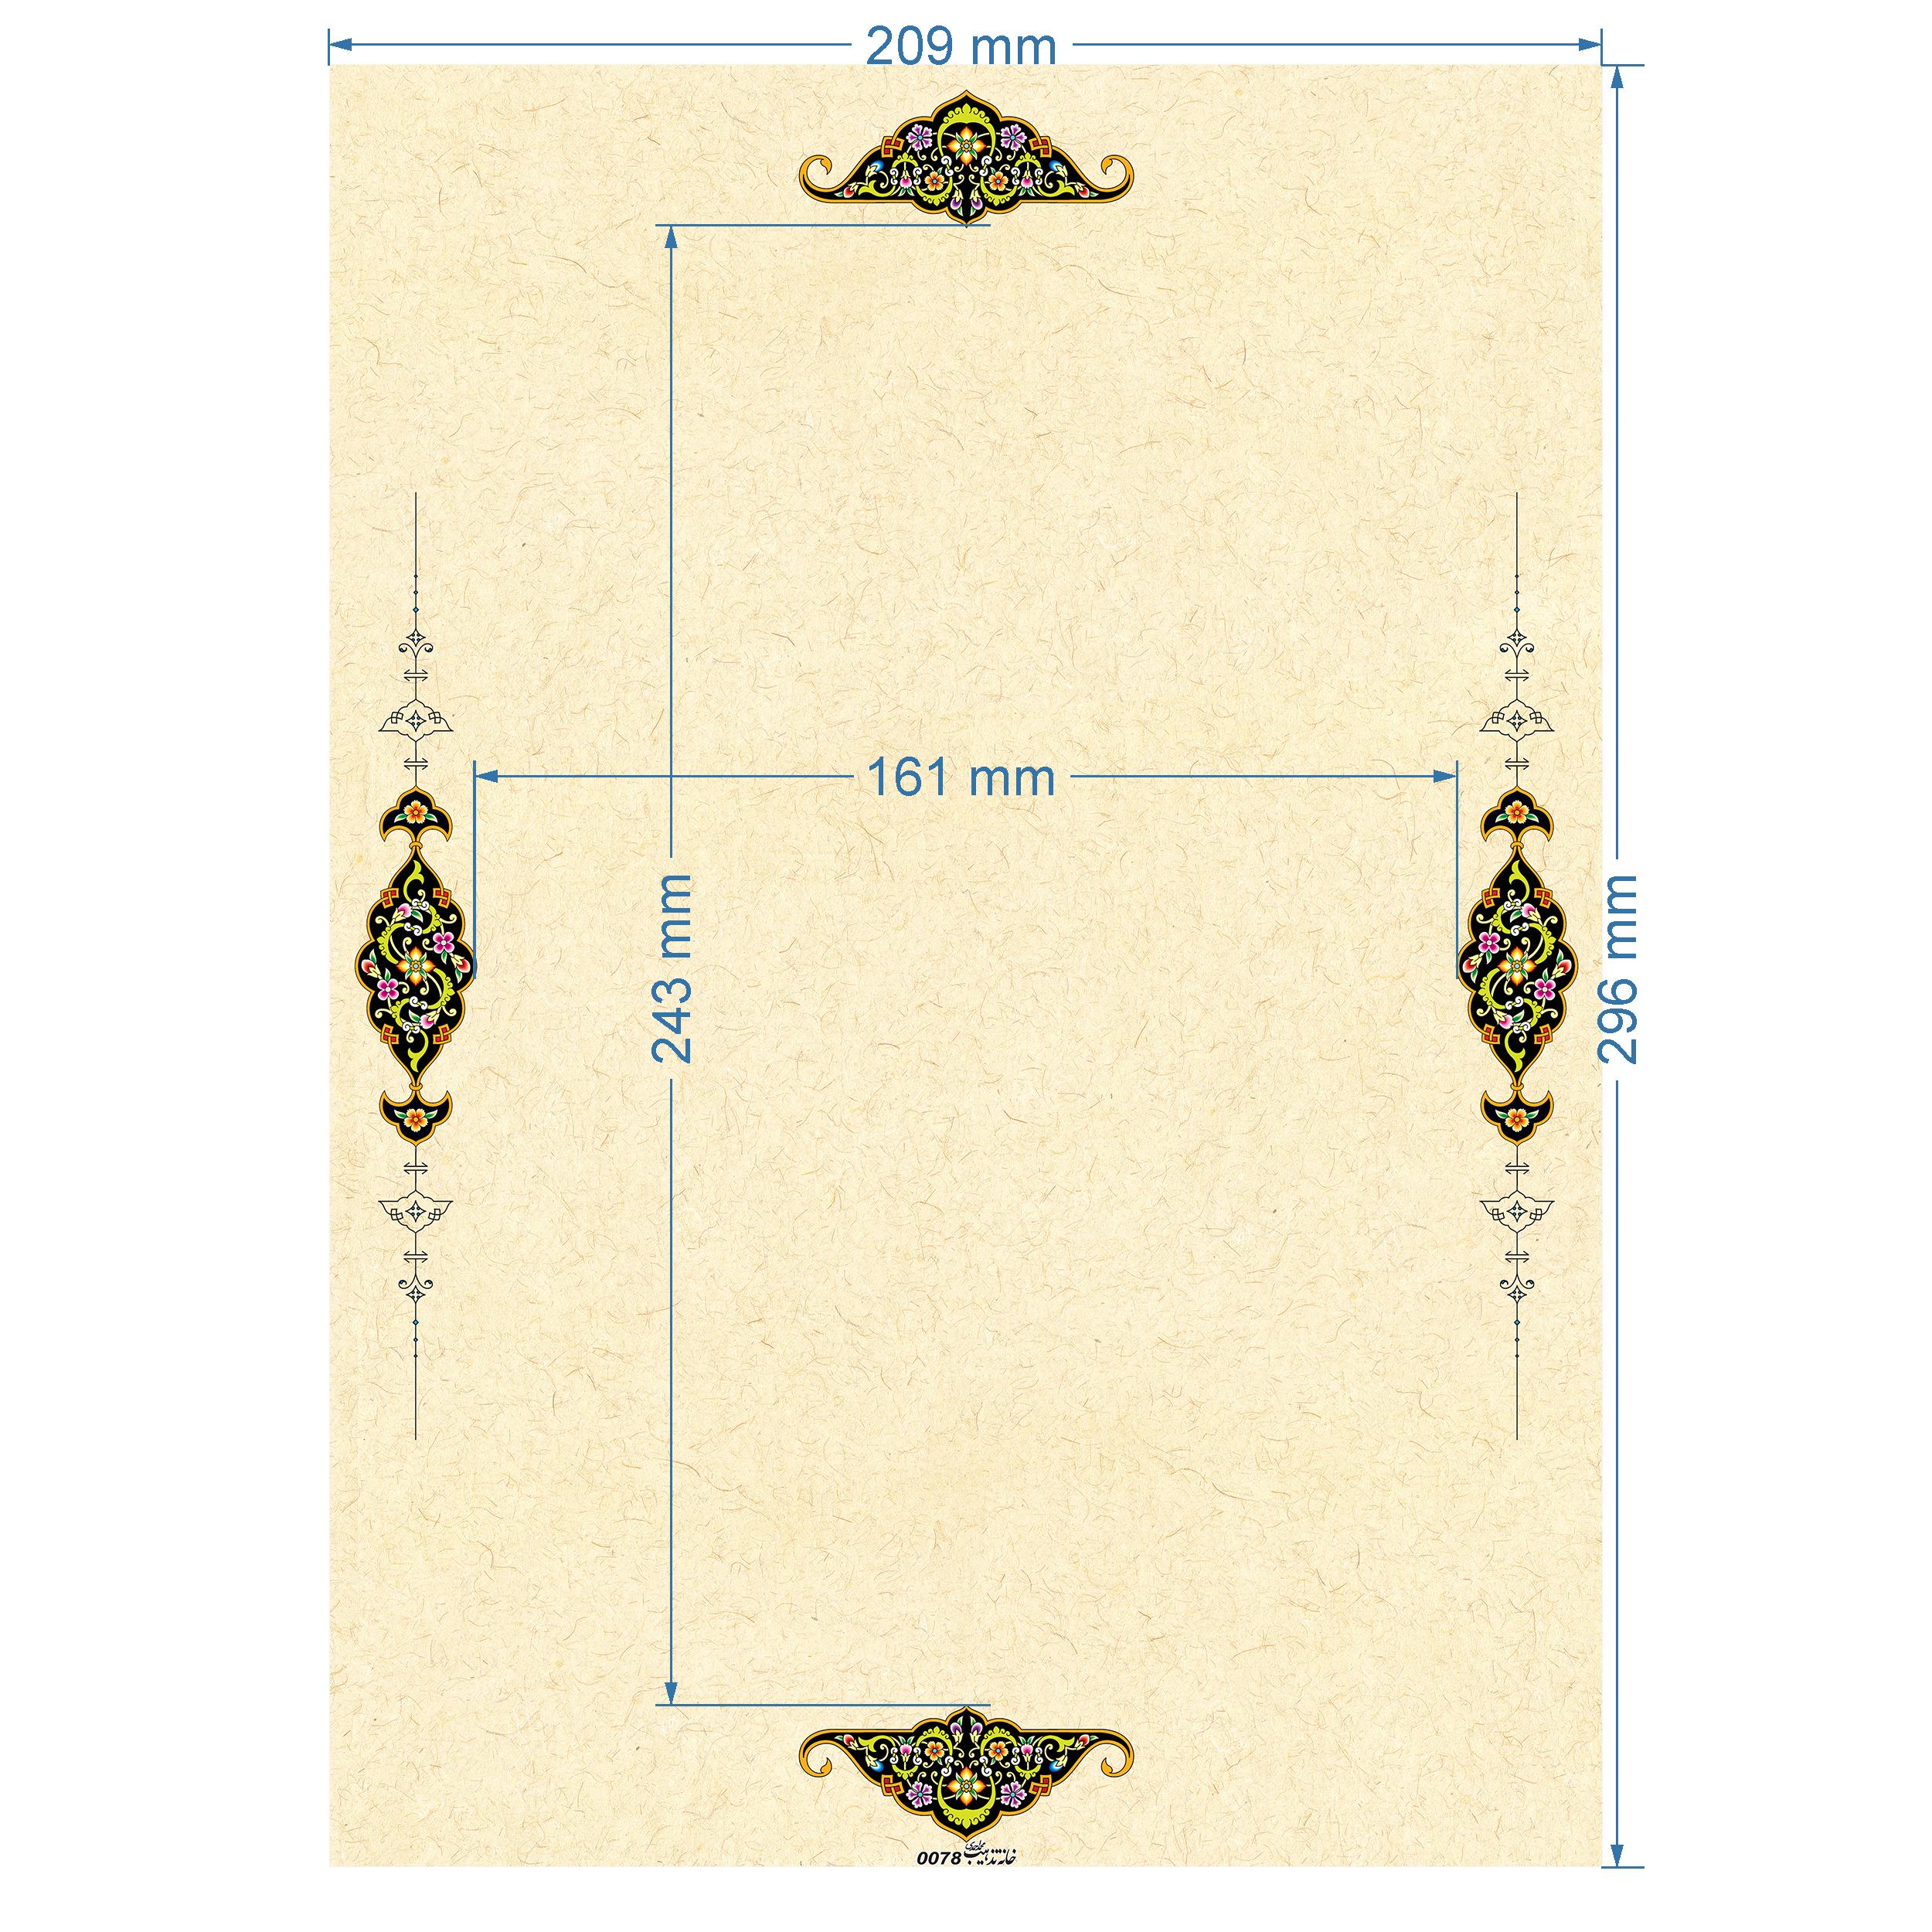 کاغذ تذهیب A4 خانه تذهیب طرح ترنج کد 0078 بسته 10عددی